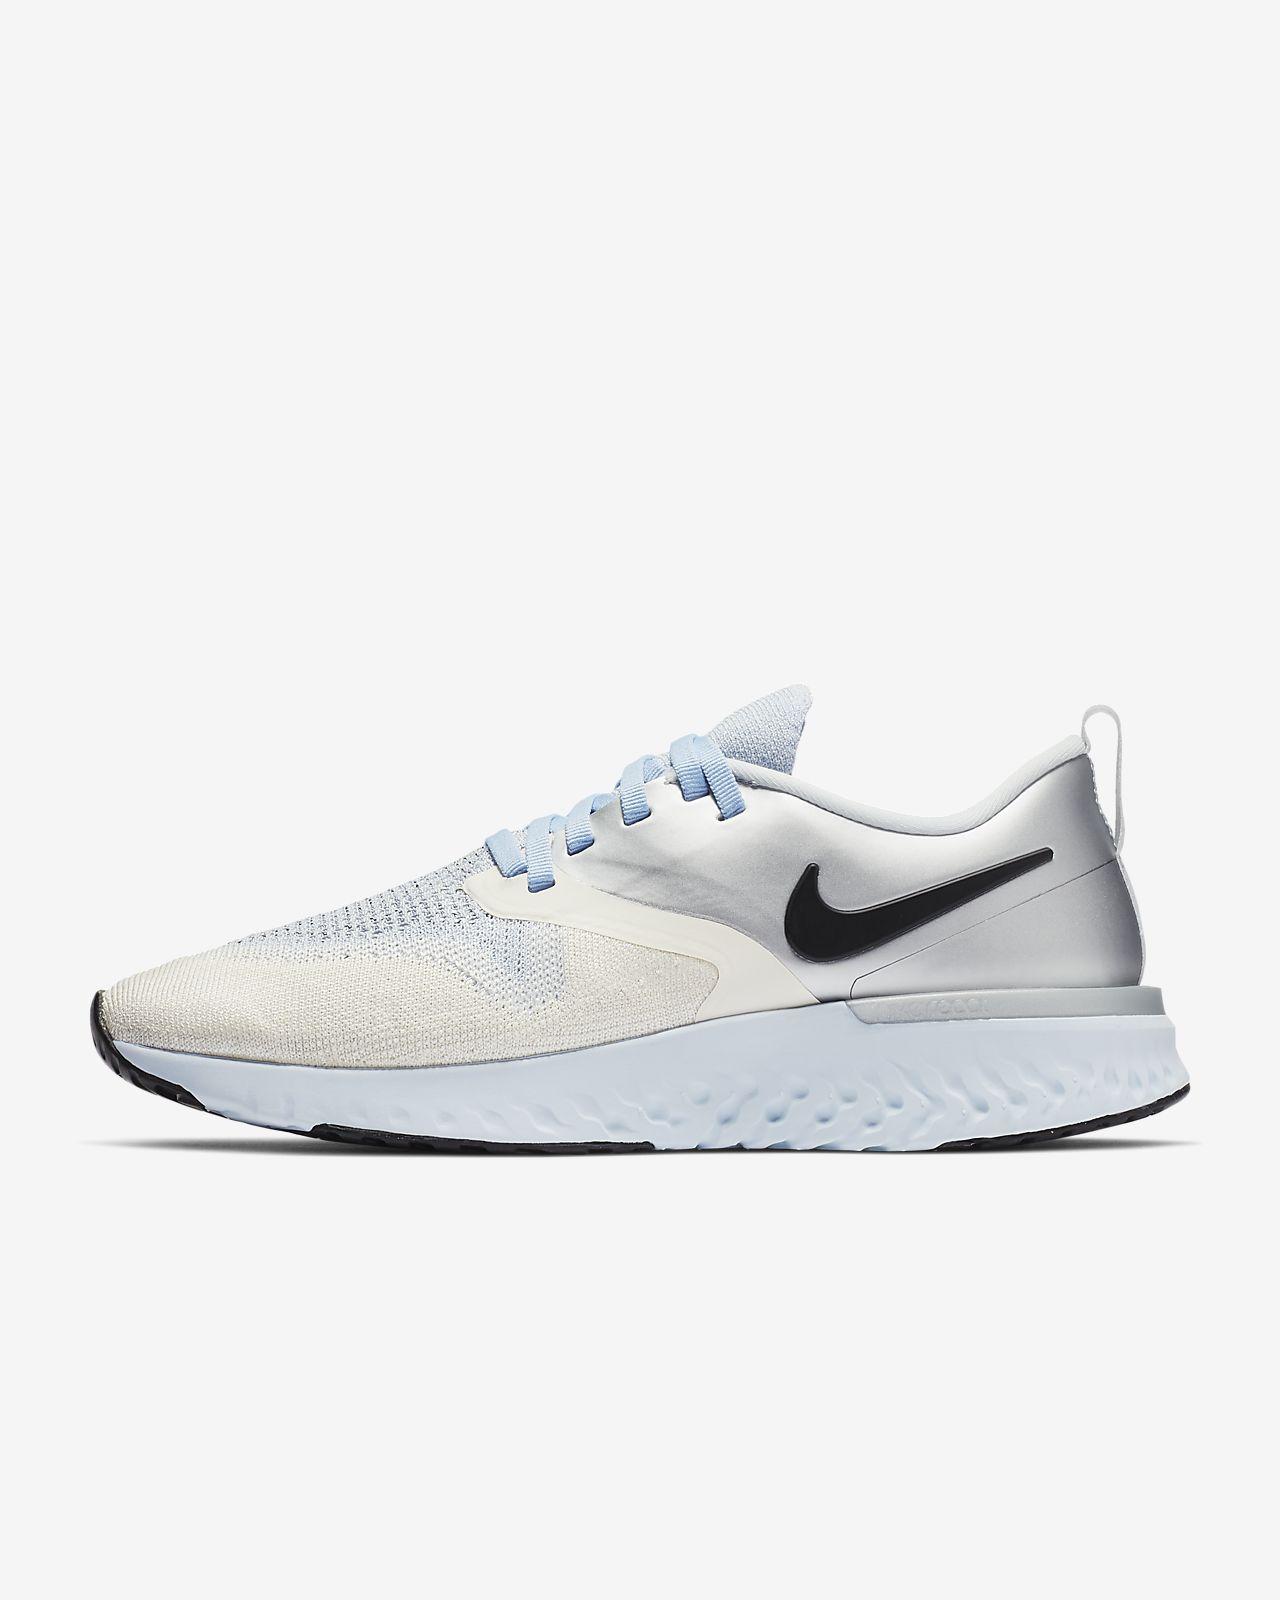 89fb083ef34 Nike Odyssey React Flyknit 2 Premium-løbesko til kvinder. Nike.com DK